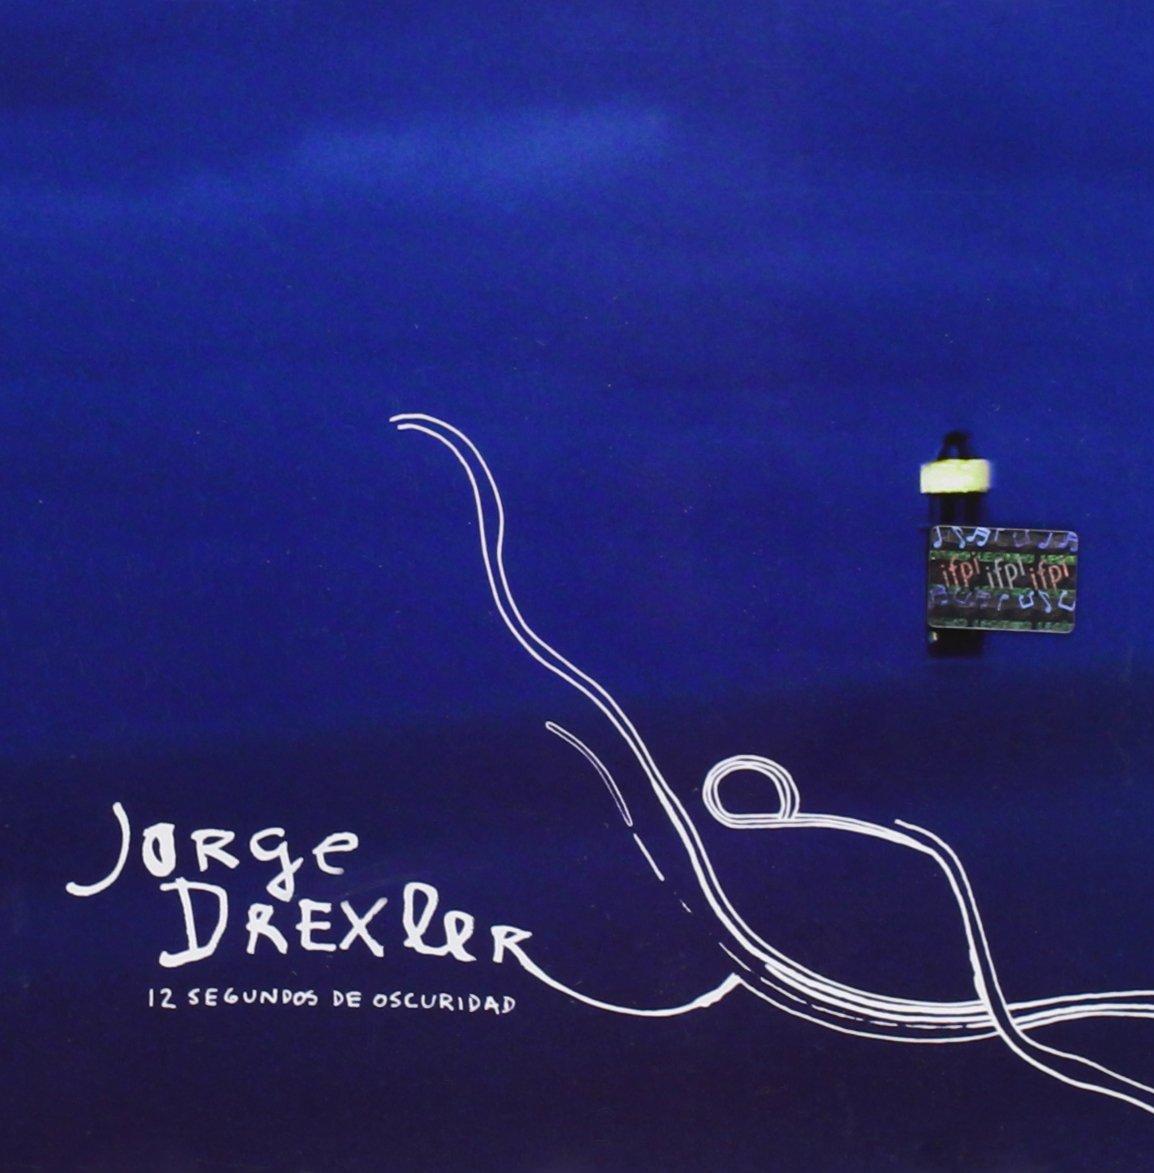 disco 12 segundos de oscuridad jorge drexler